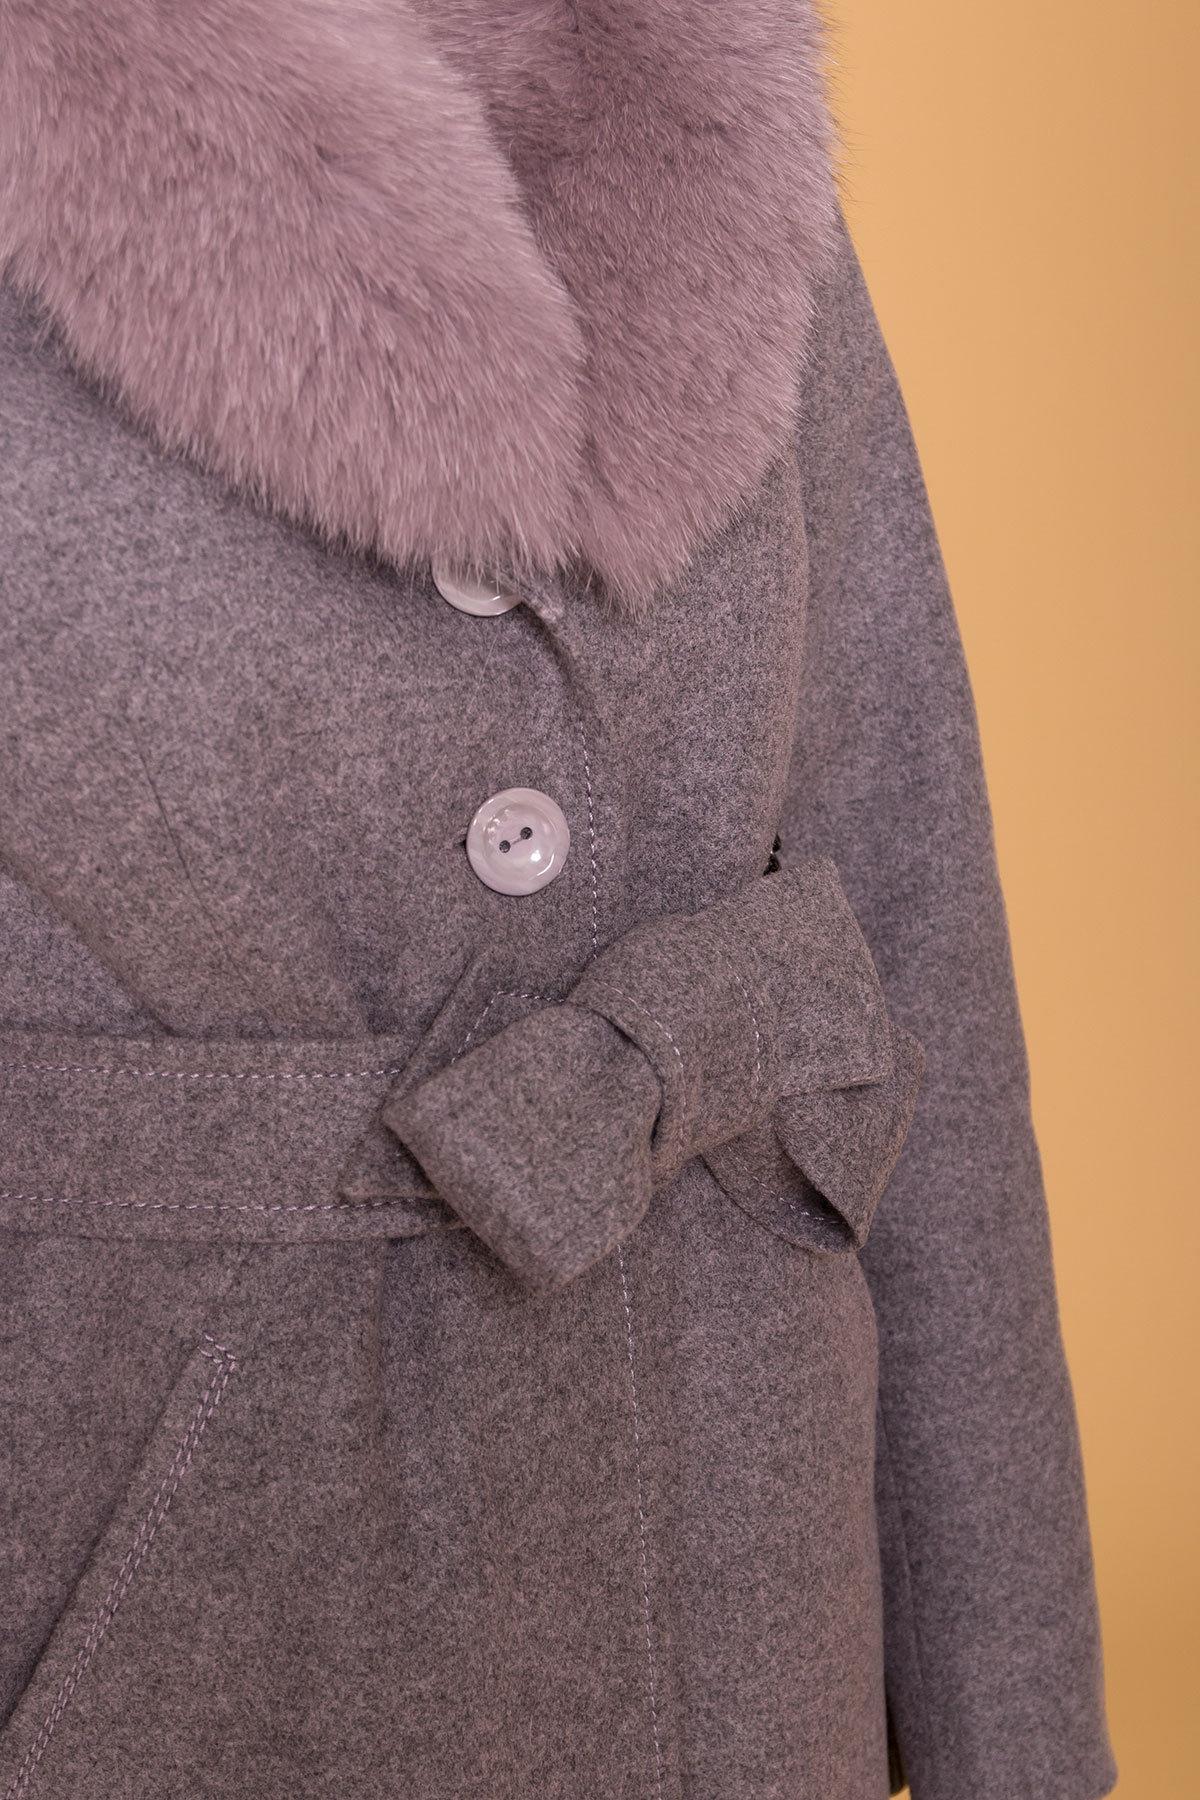 Пальто зима Камила 5611 АРТ. 40711 Цвет: Серо-розовый 19 - фото 6, интернет магазин tm-modus.ru